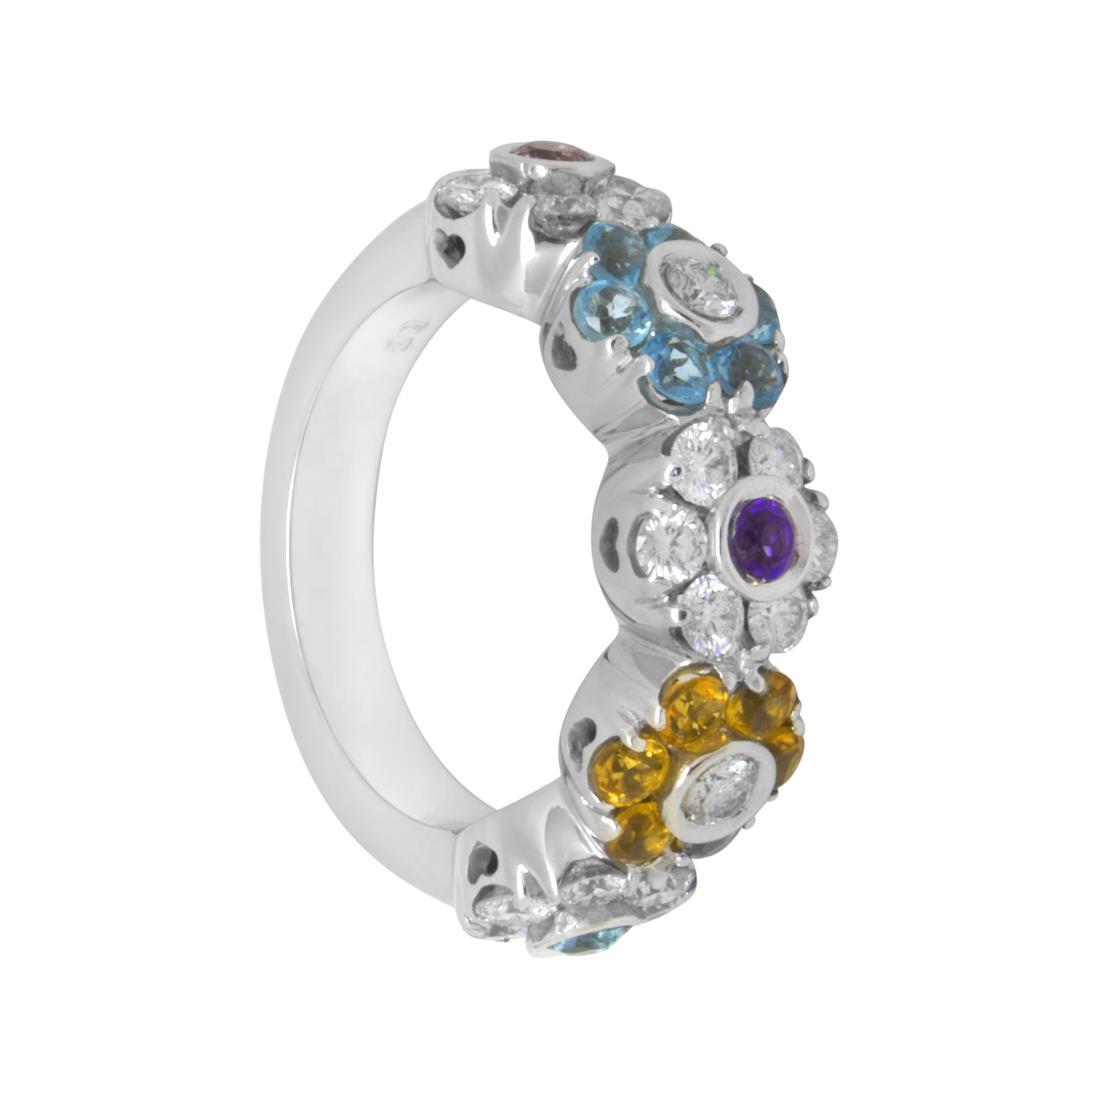 Anello in oro bianco con diamanti ct 1.30 - PASQUALE BRUNI